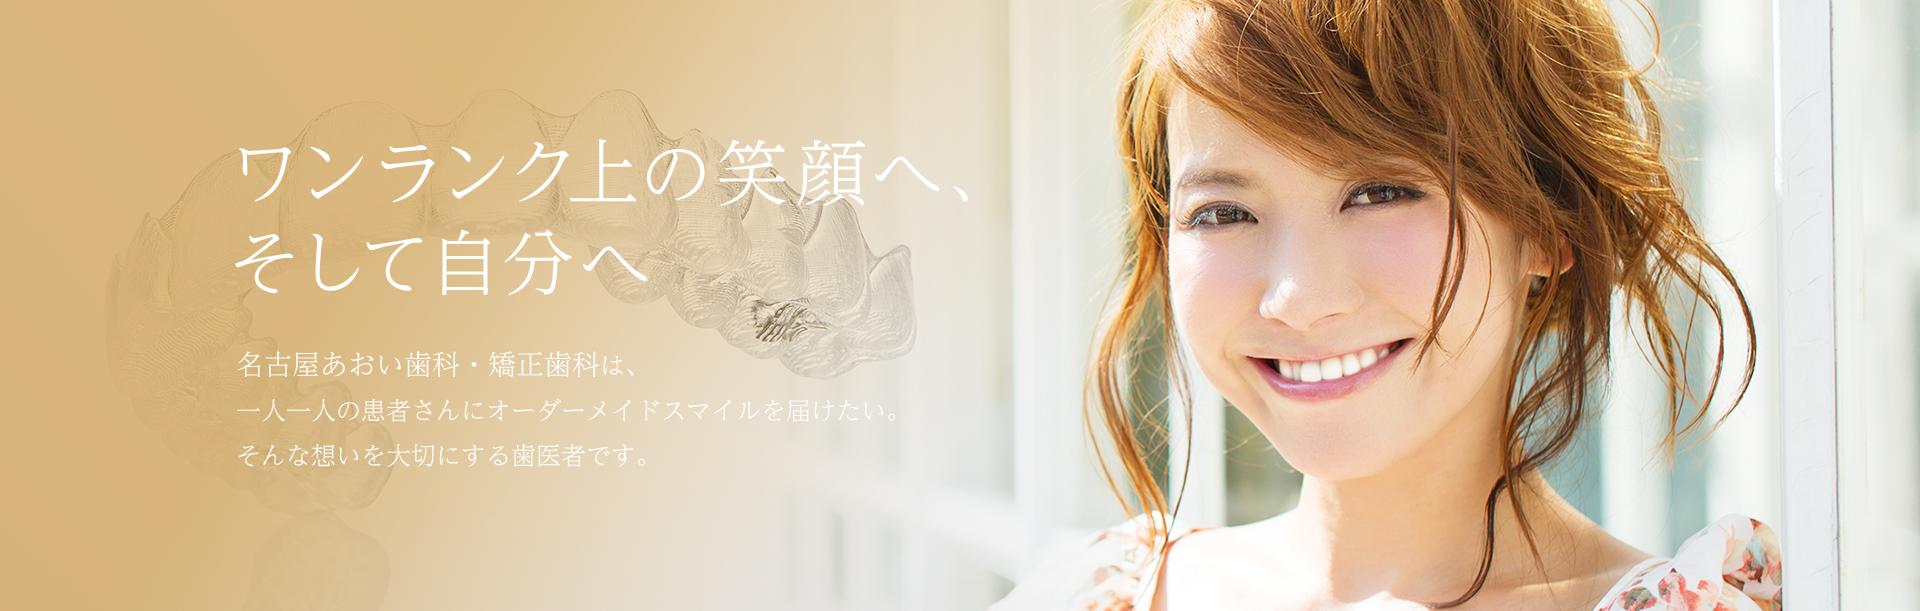 ワンランク上の笑顔へ、そして自分へ 名古屋栄の葵デンタルデザインオフィスは、一人一人の患者さんにオーダーメイドスマイルを届けたい。そんな想いを大切にする歯医者です。